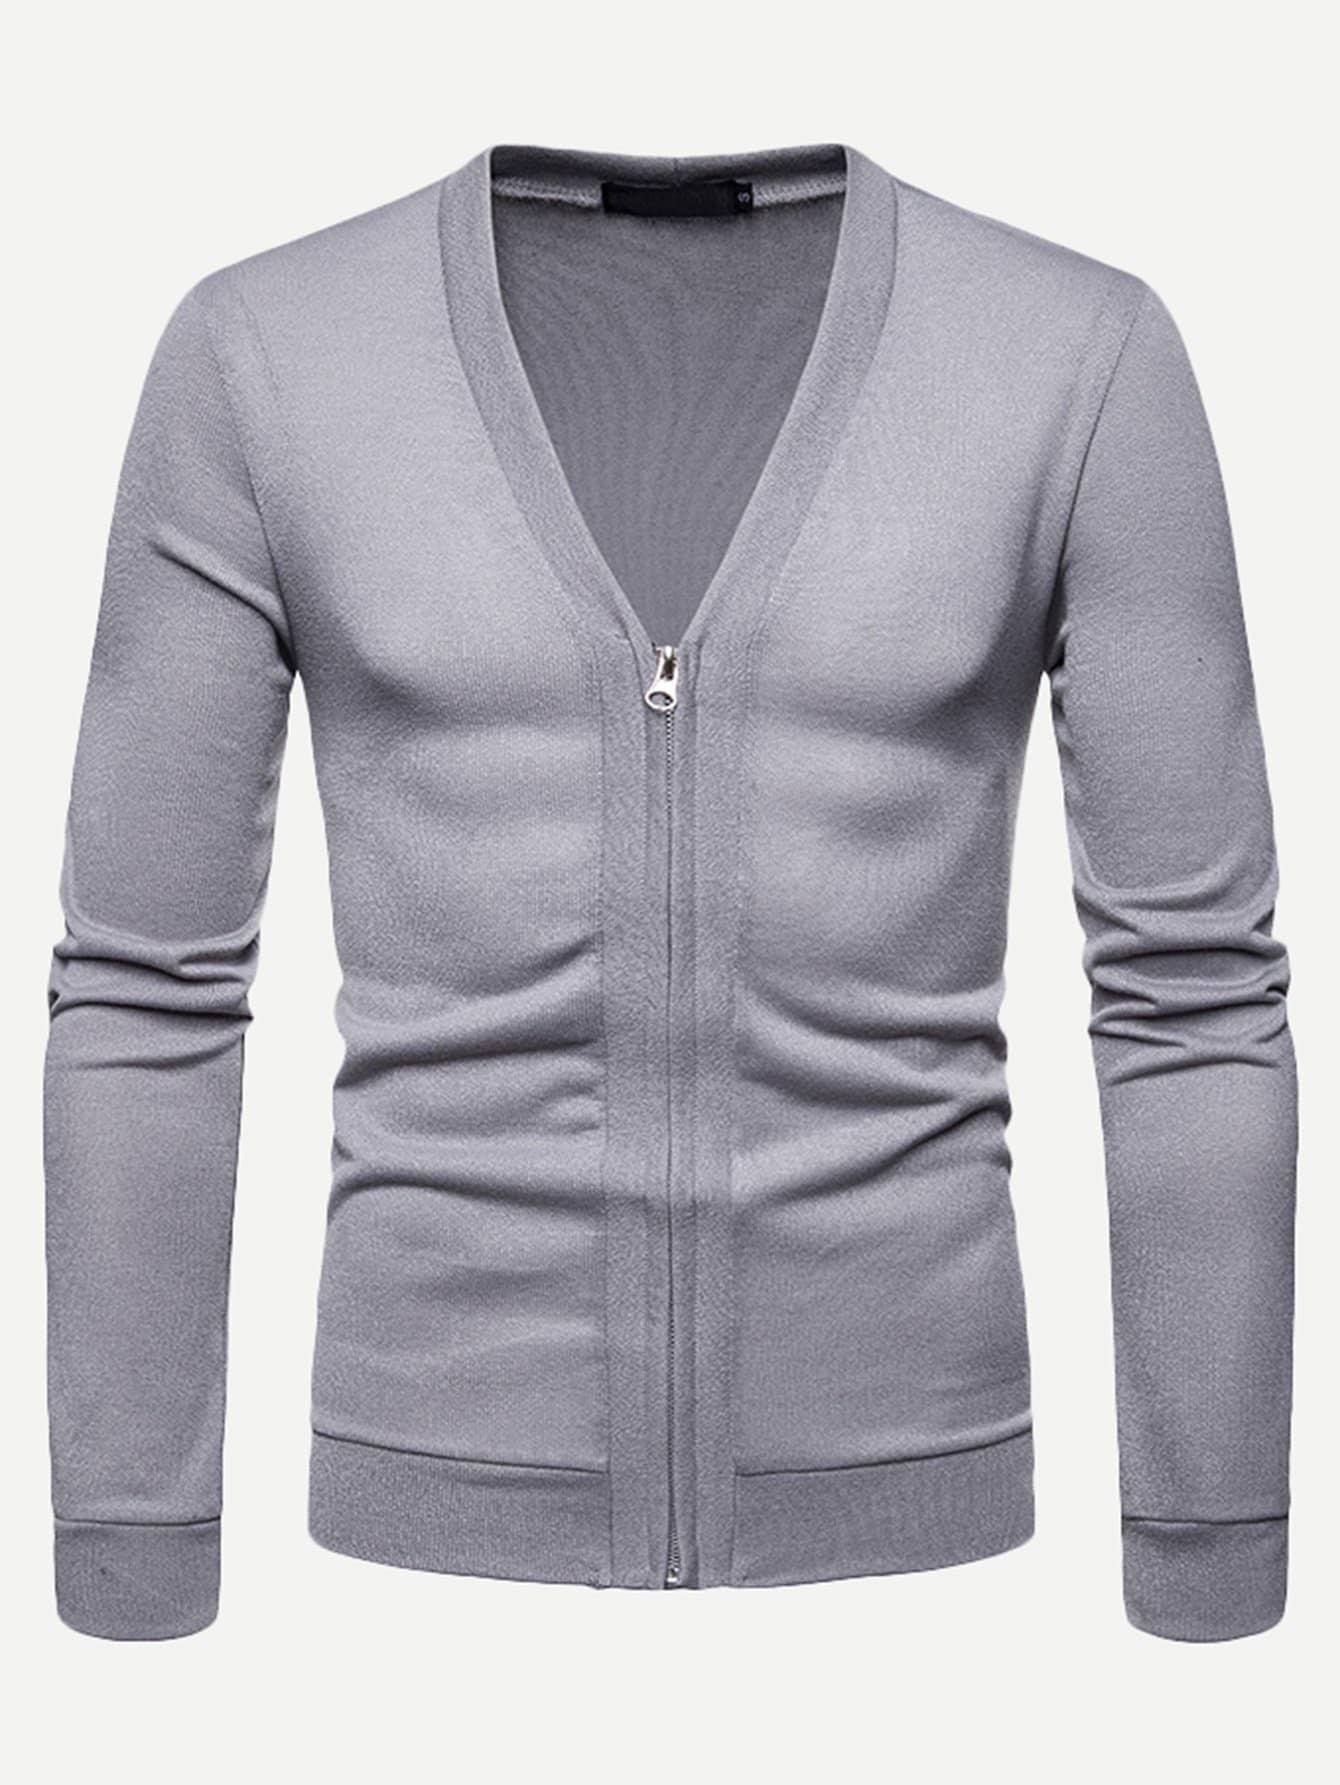 Купить Мужское простое пальто-фуфайки с застёжкой молния, null, SheIn